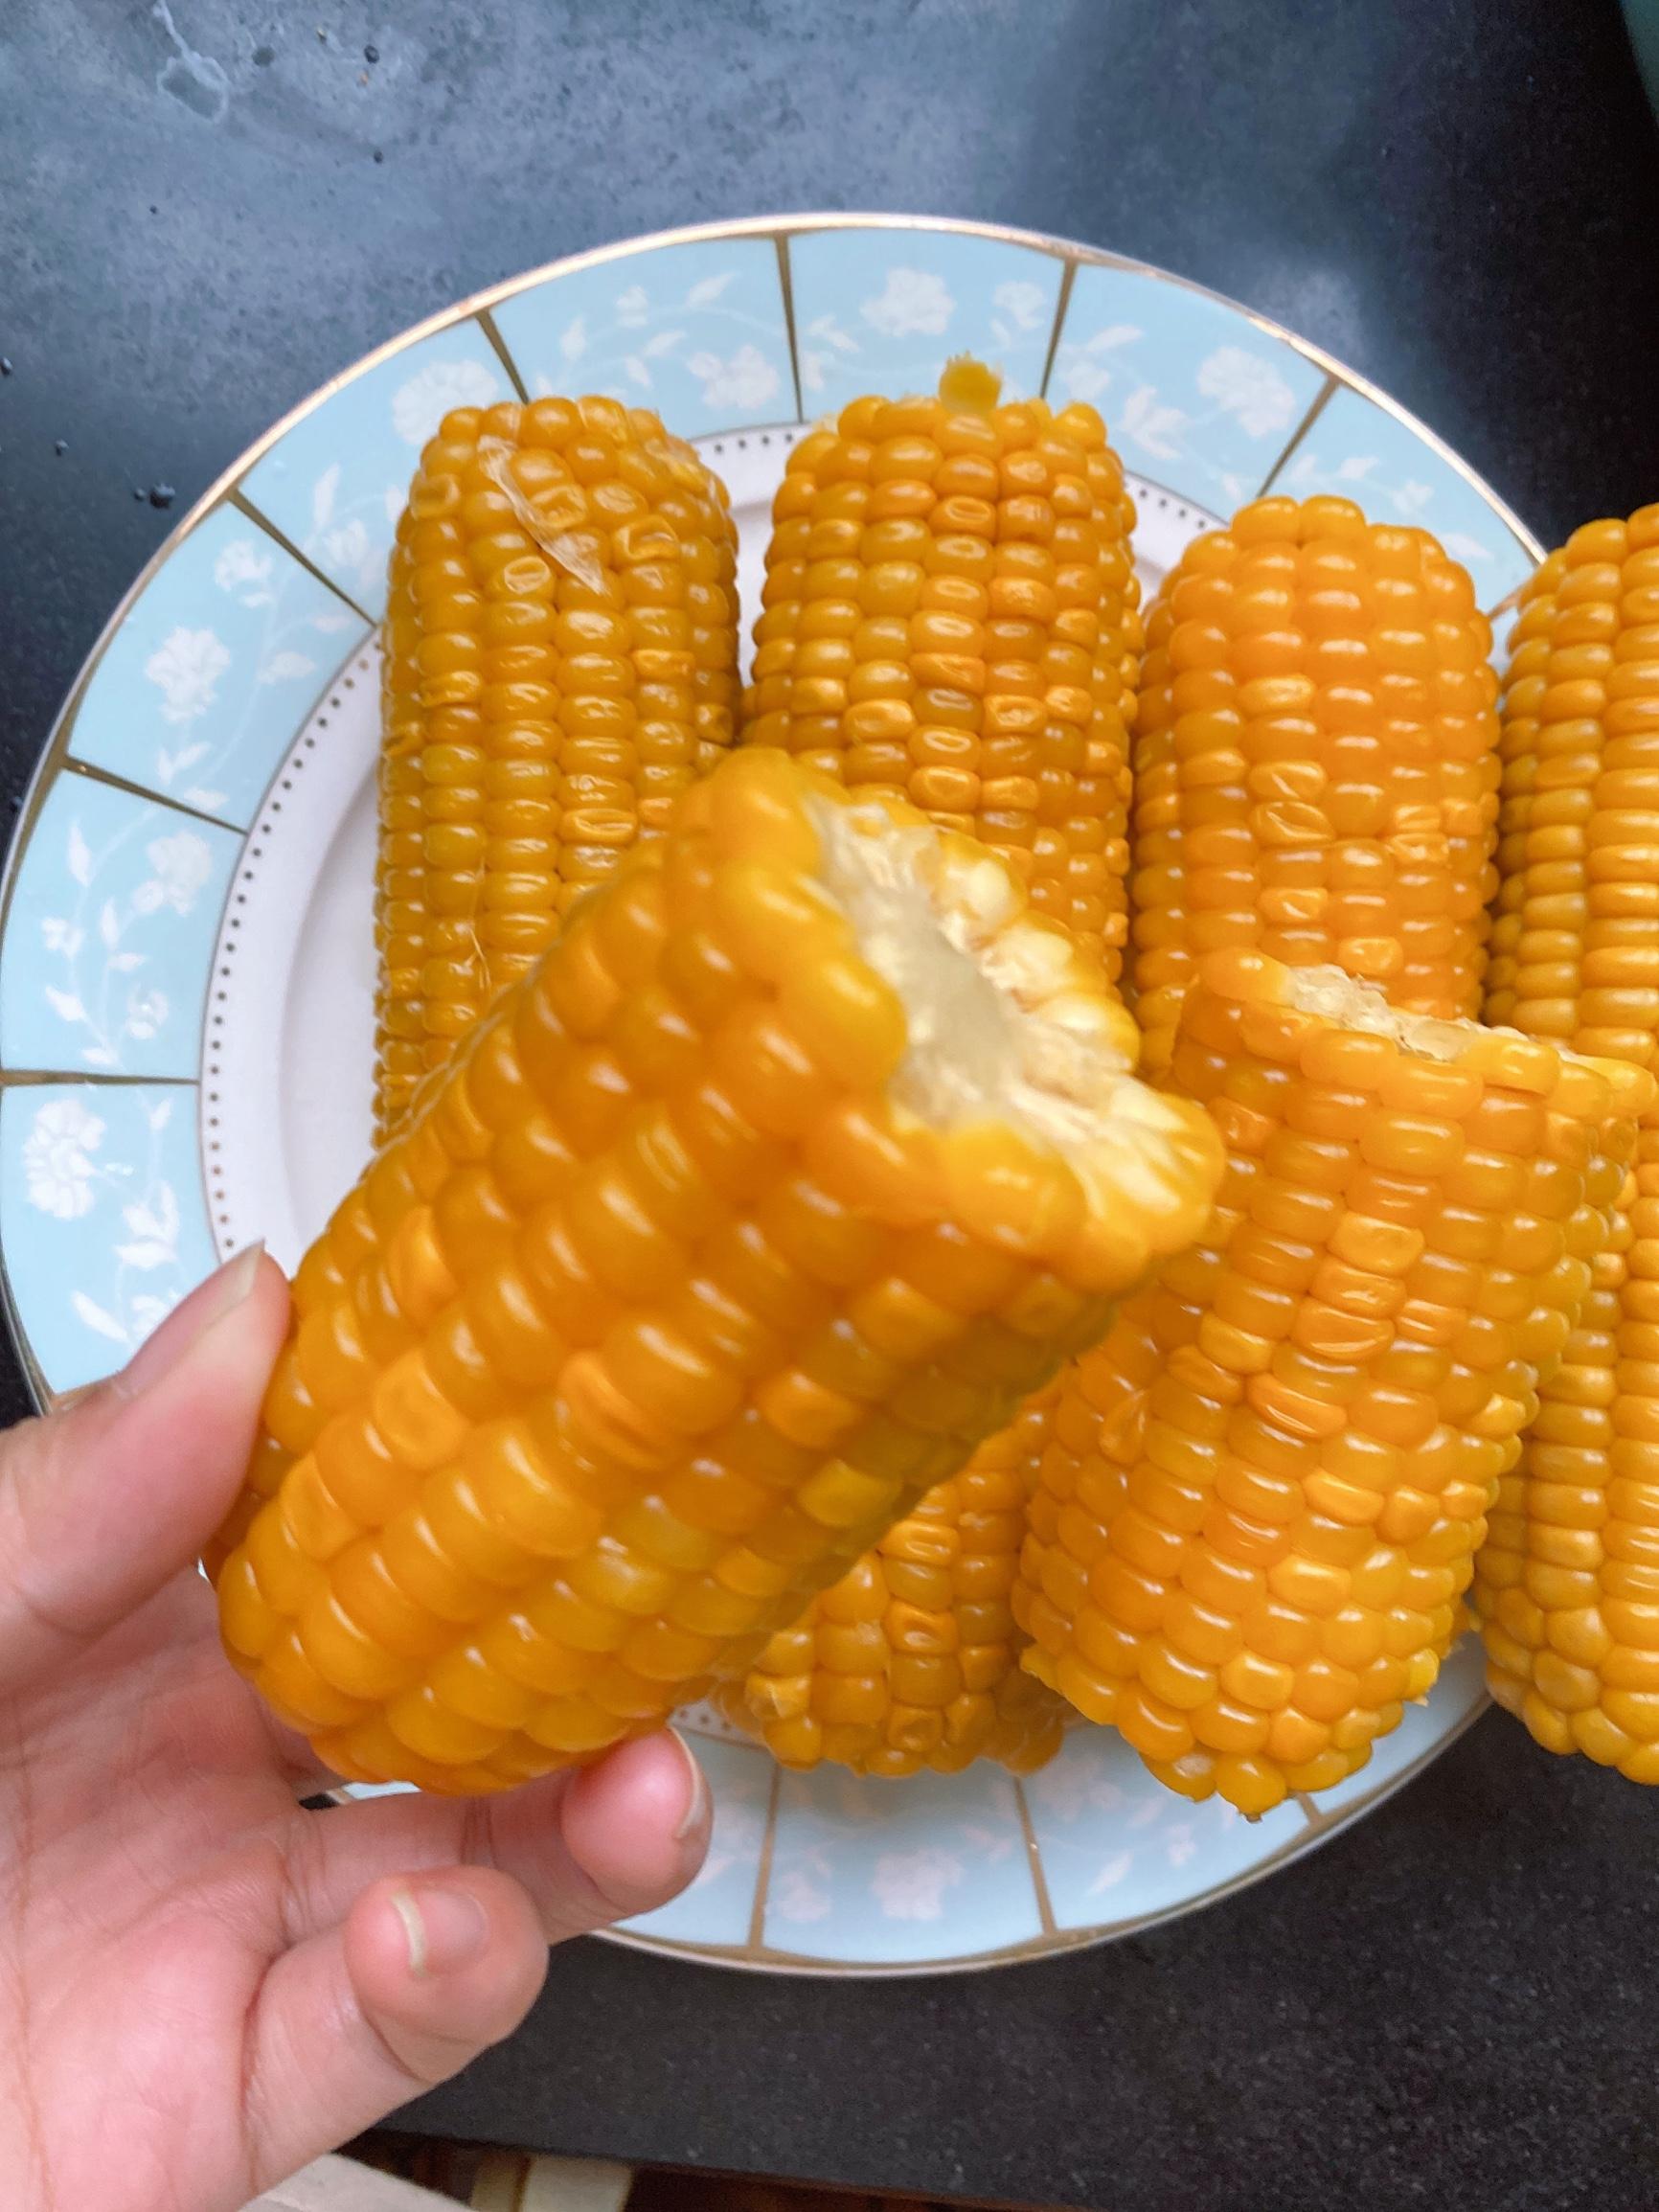 【220克*8根】东北甜糯大棒真空粘玉米